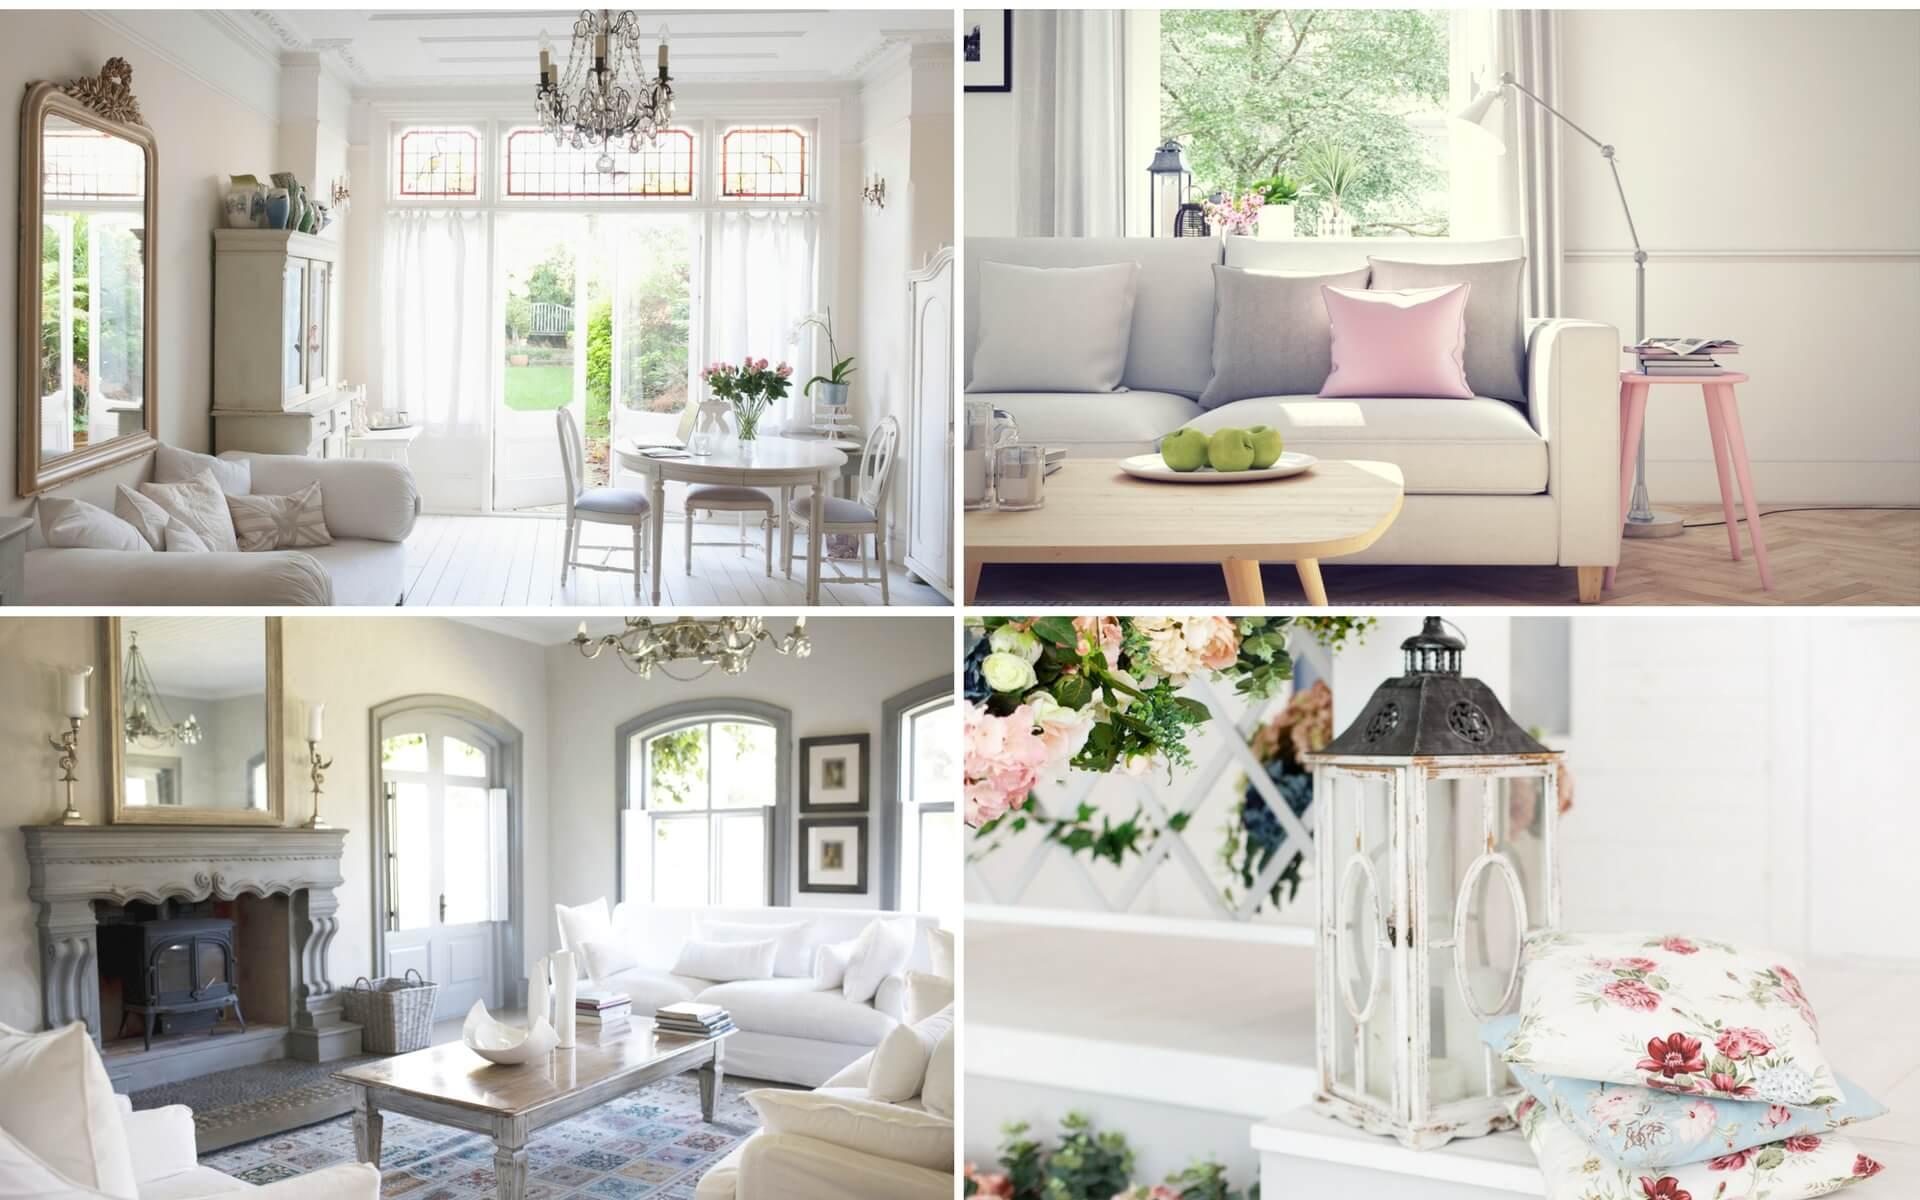 Come arredare la casa in stile provenzale blog oknoplast for Arredamento soggiorno stile provenzale